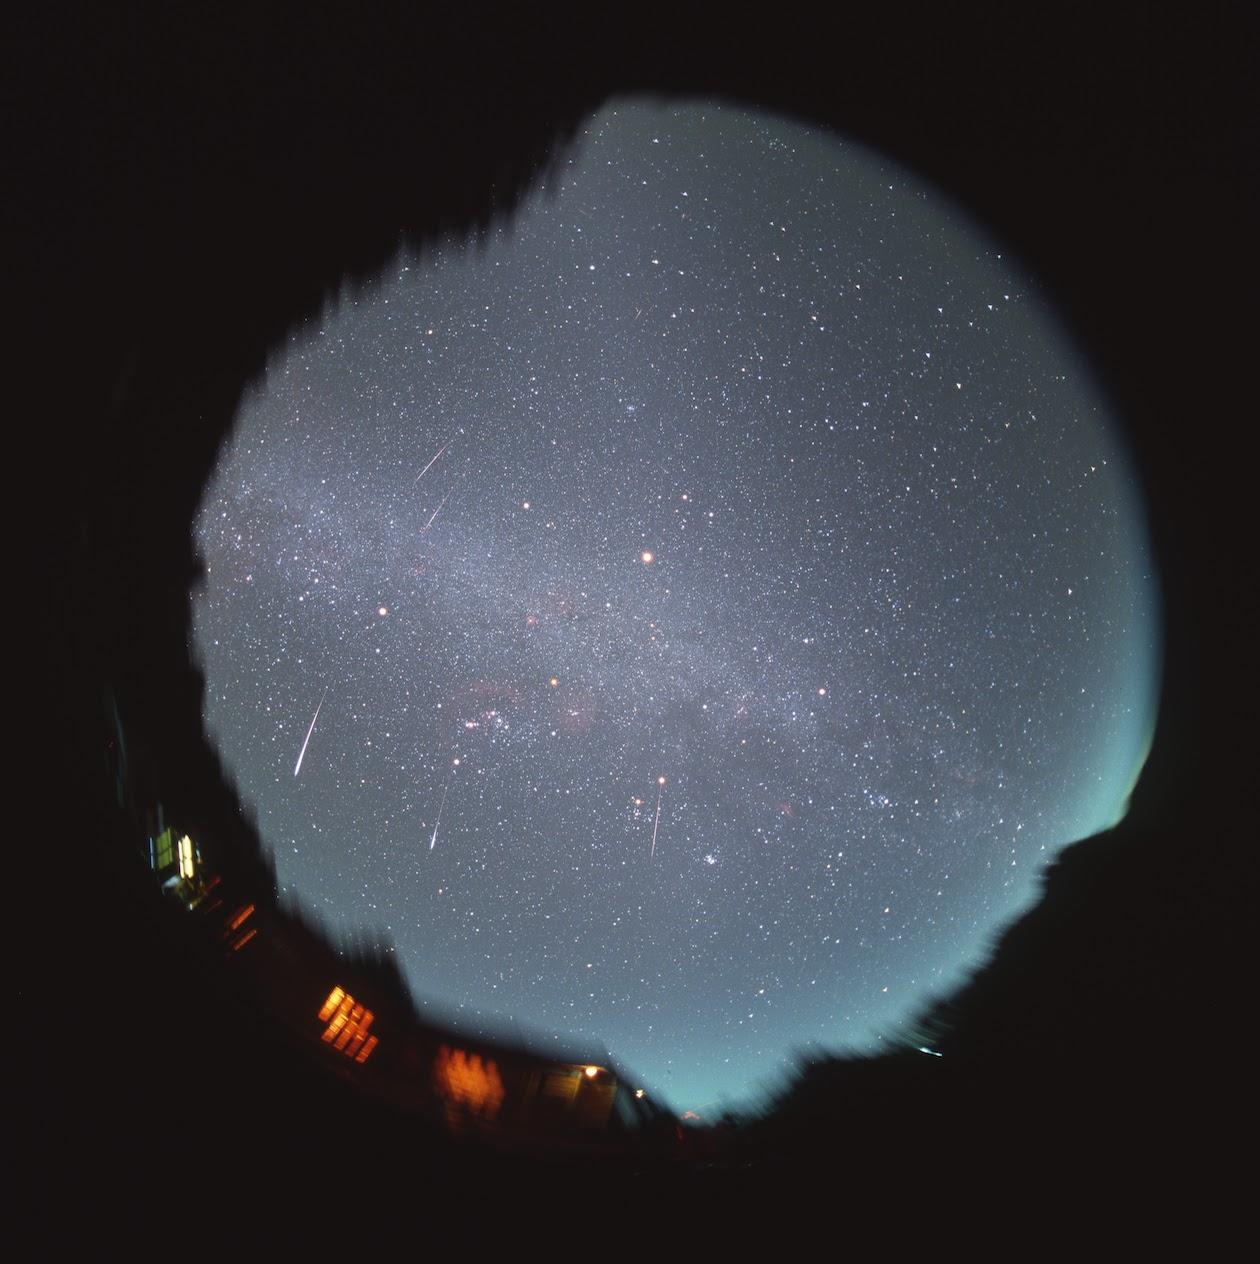 屋頂上的天文學家: 英仙座流星雨